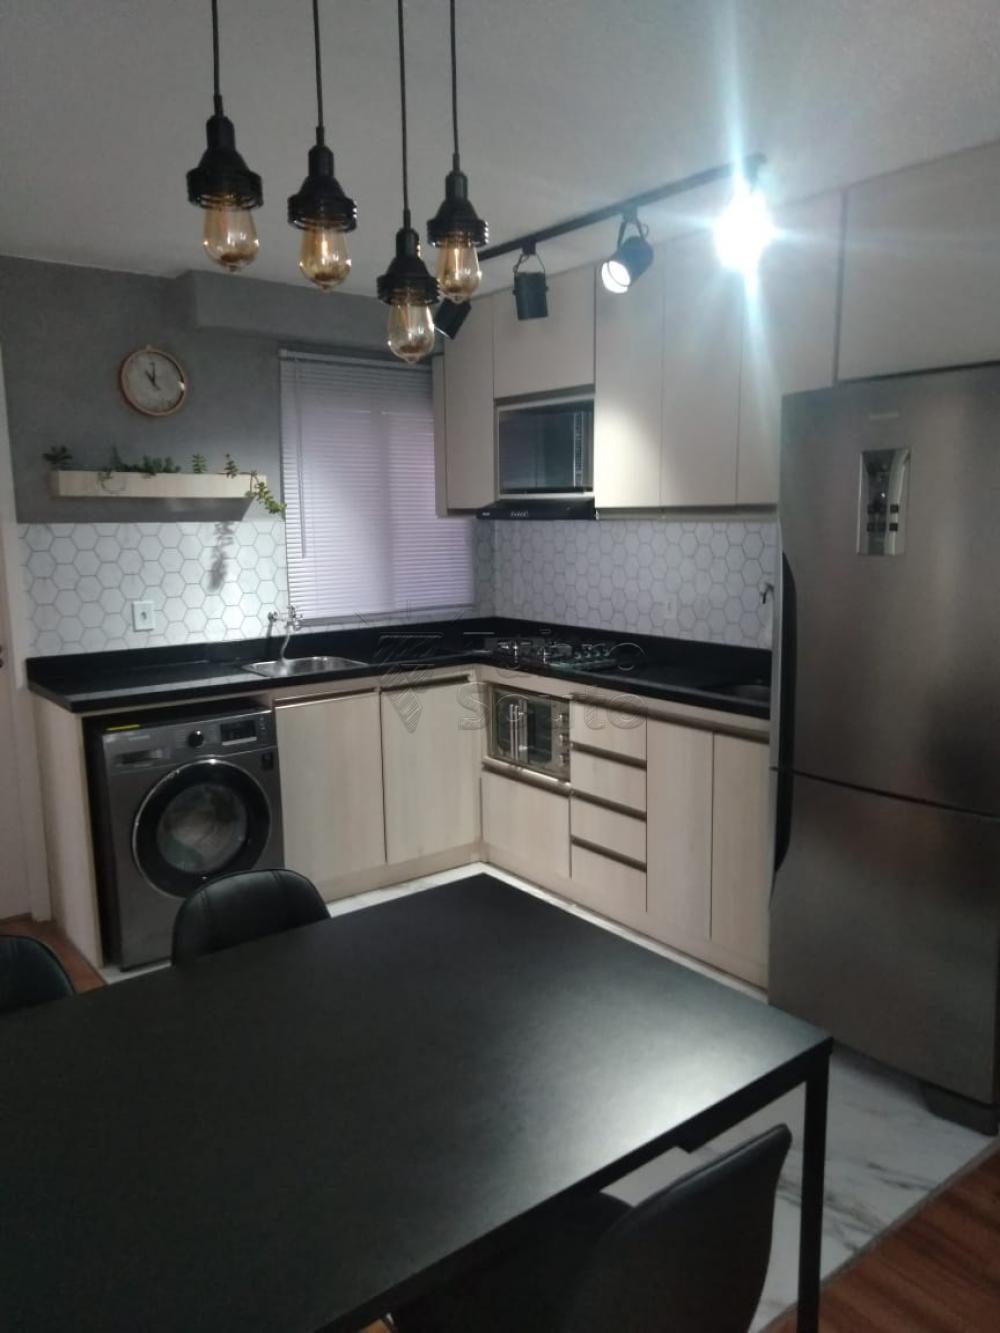 Comprar Apartamento / Padrão em Pelotas R$ 150.000,00 - Foto 6